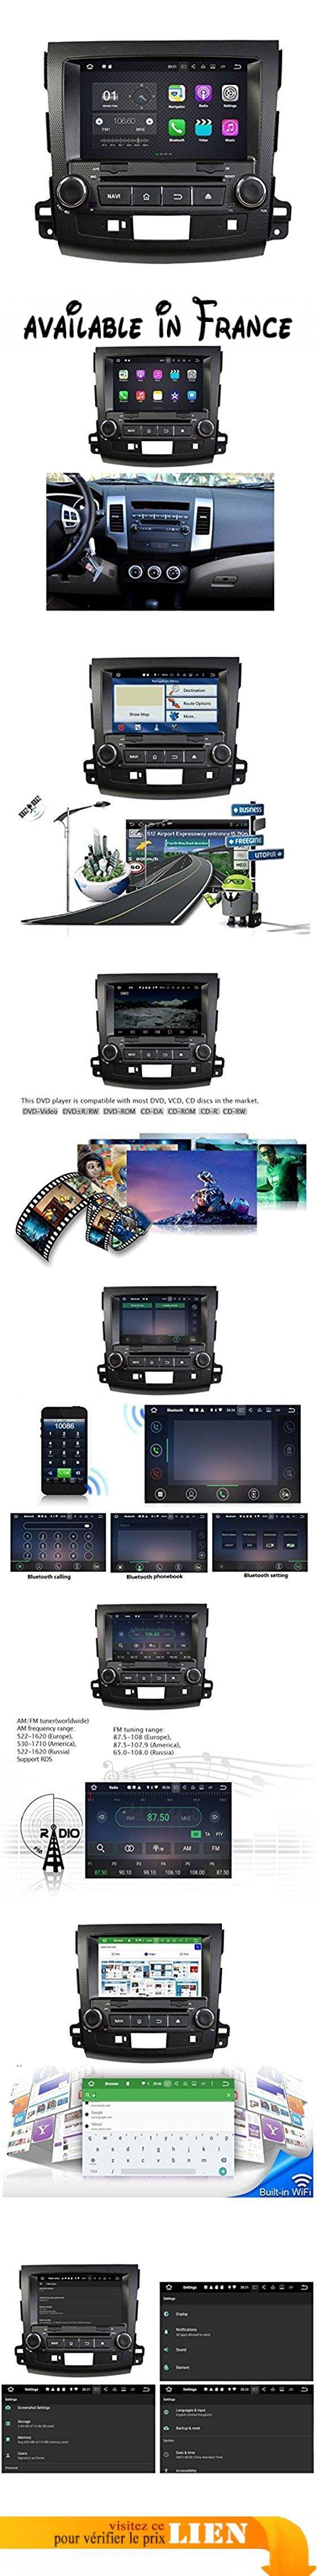 Doublé Din 8 pouces Android 7.1 lecteur DVD de voiture pour Mitsubishi Outlander 2006 2007 2008 2009 2010 2011 2012 2013,DAB+ radio 1024x600 écran tactile capacitif avec Quad Core Cortex A9 1.6G CPU 16G flash et 2G de RAM DDR3 GPS Navi Radio Lecteur 3G/WIFI Aux Input OBD2 USB/SD DVR. Android 7.1.2 OS 2 din autoradio pour Mitsubishi Outlander(2006-2013),Rockchip PX3 Cortex A9 quad core 1.6G CPU,Sumsang DDR3 2G RAM, 16G NAND Flash,capacitif tactile multi-point. Logo de départ